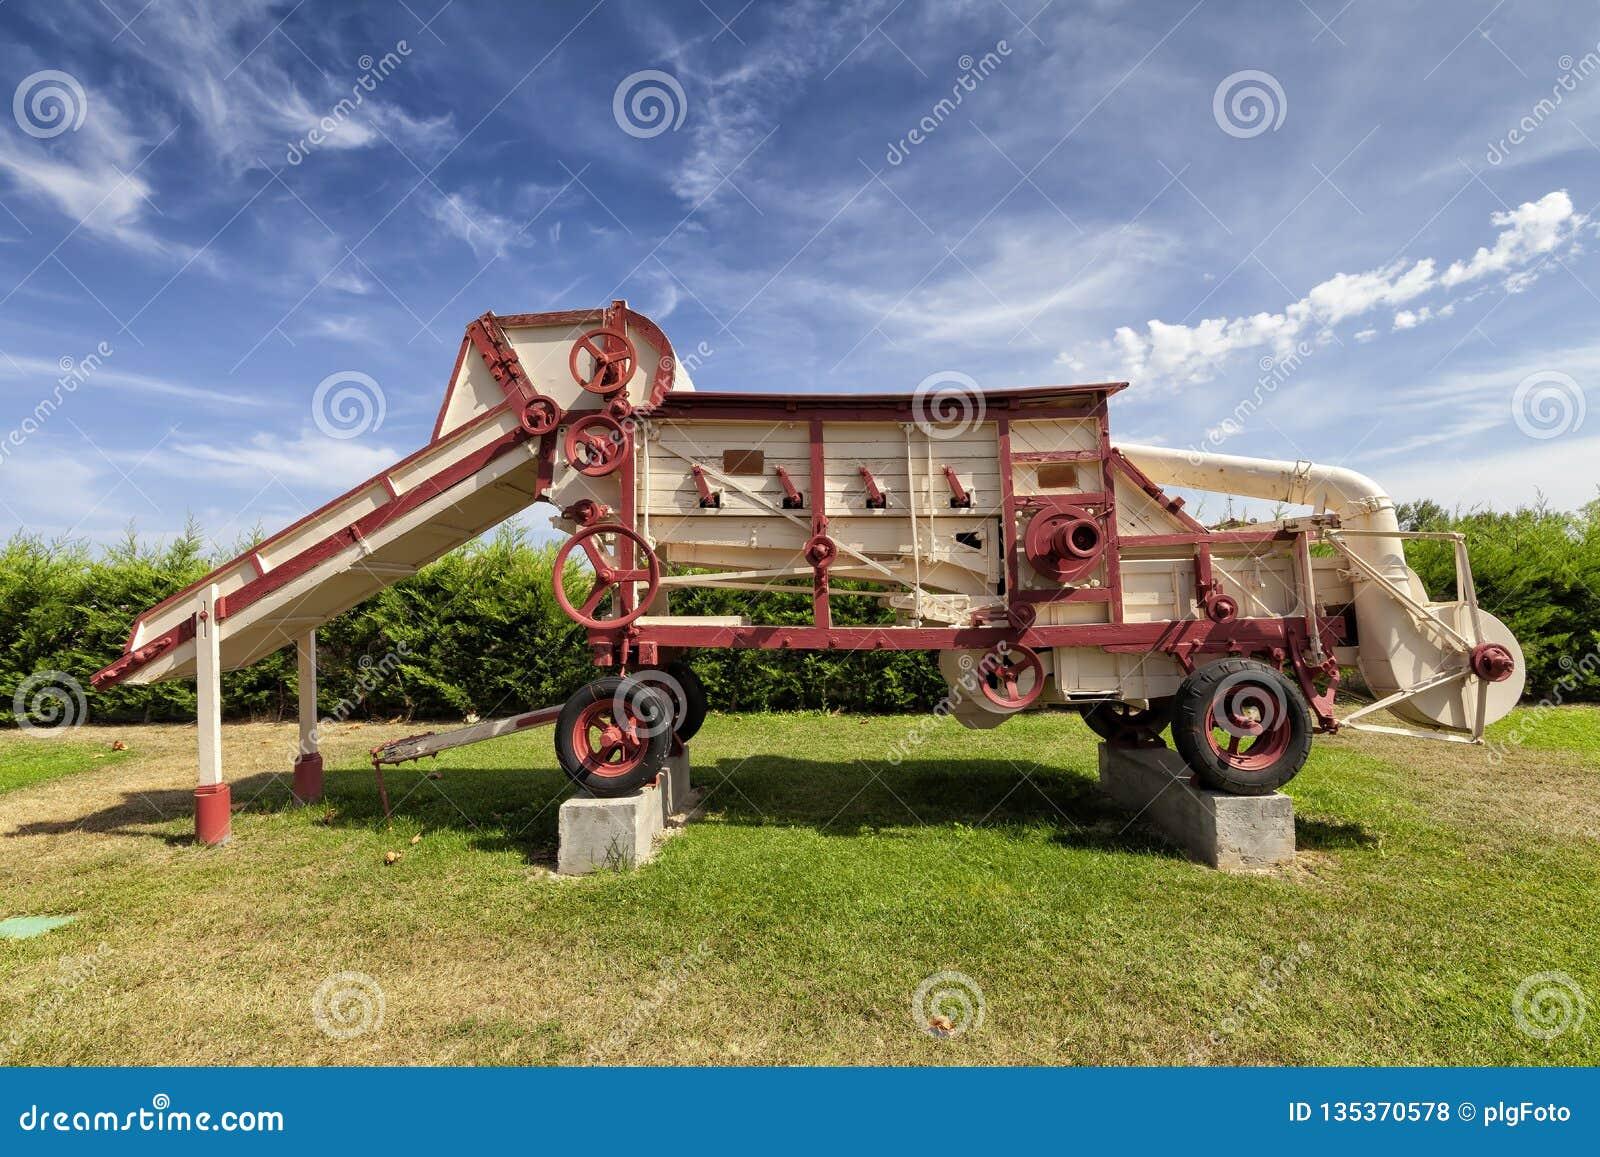 Une vieille batteuse de grain utilisée comme monument